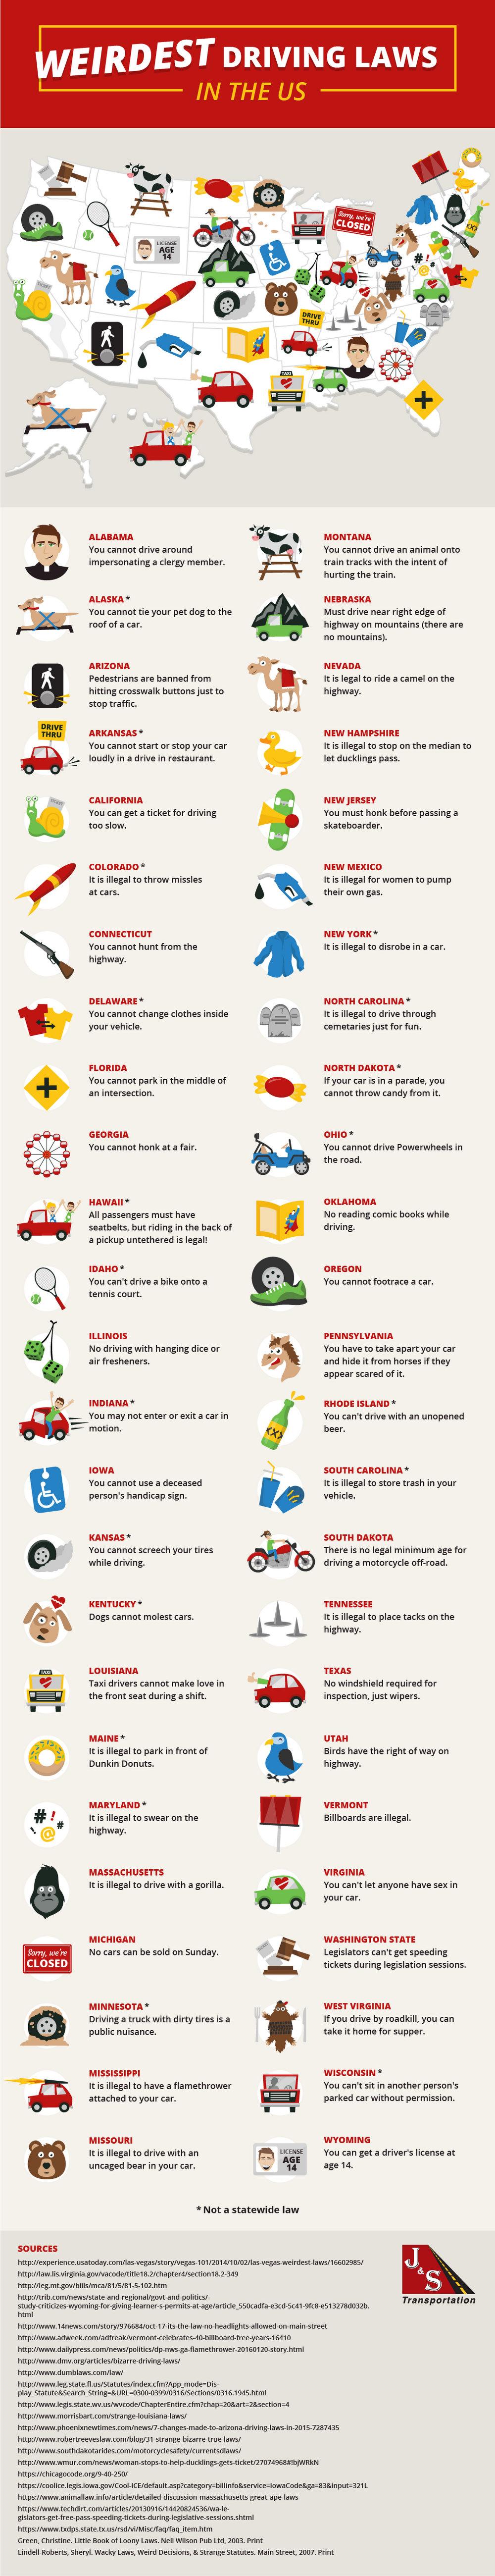 De vreemdste verkeersregels